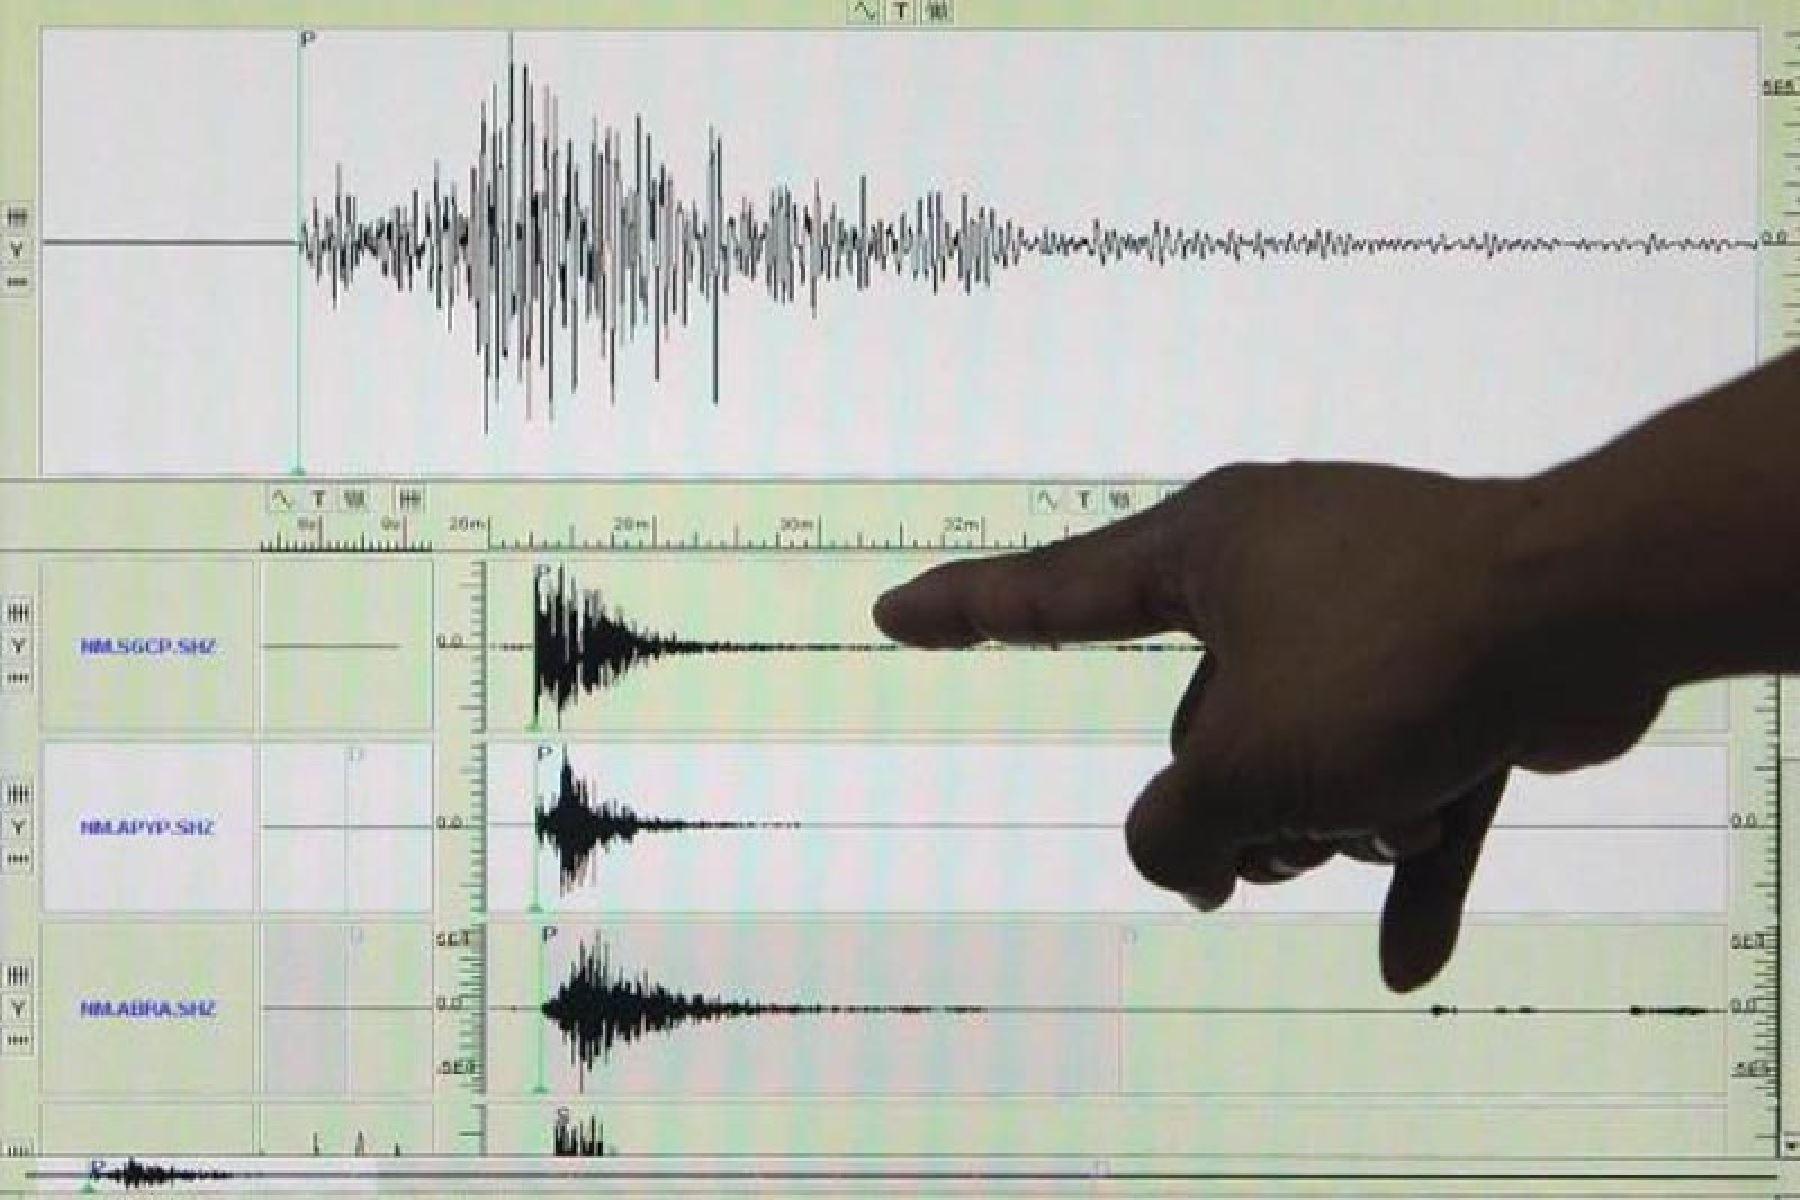 Un sismo de 4.1 grados de magnitud se registró esta tarde en la región Lambayeque, informó el Instituto Geofísico del Perú (IGP). ANDINA/archivo